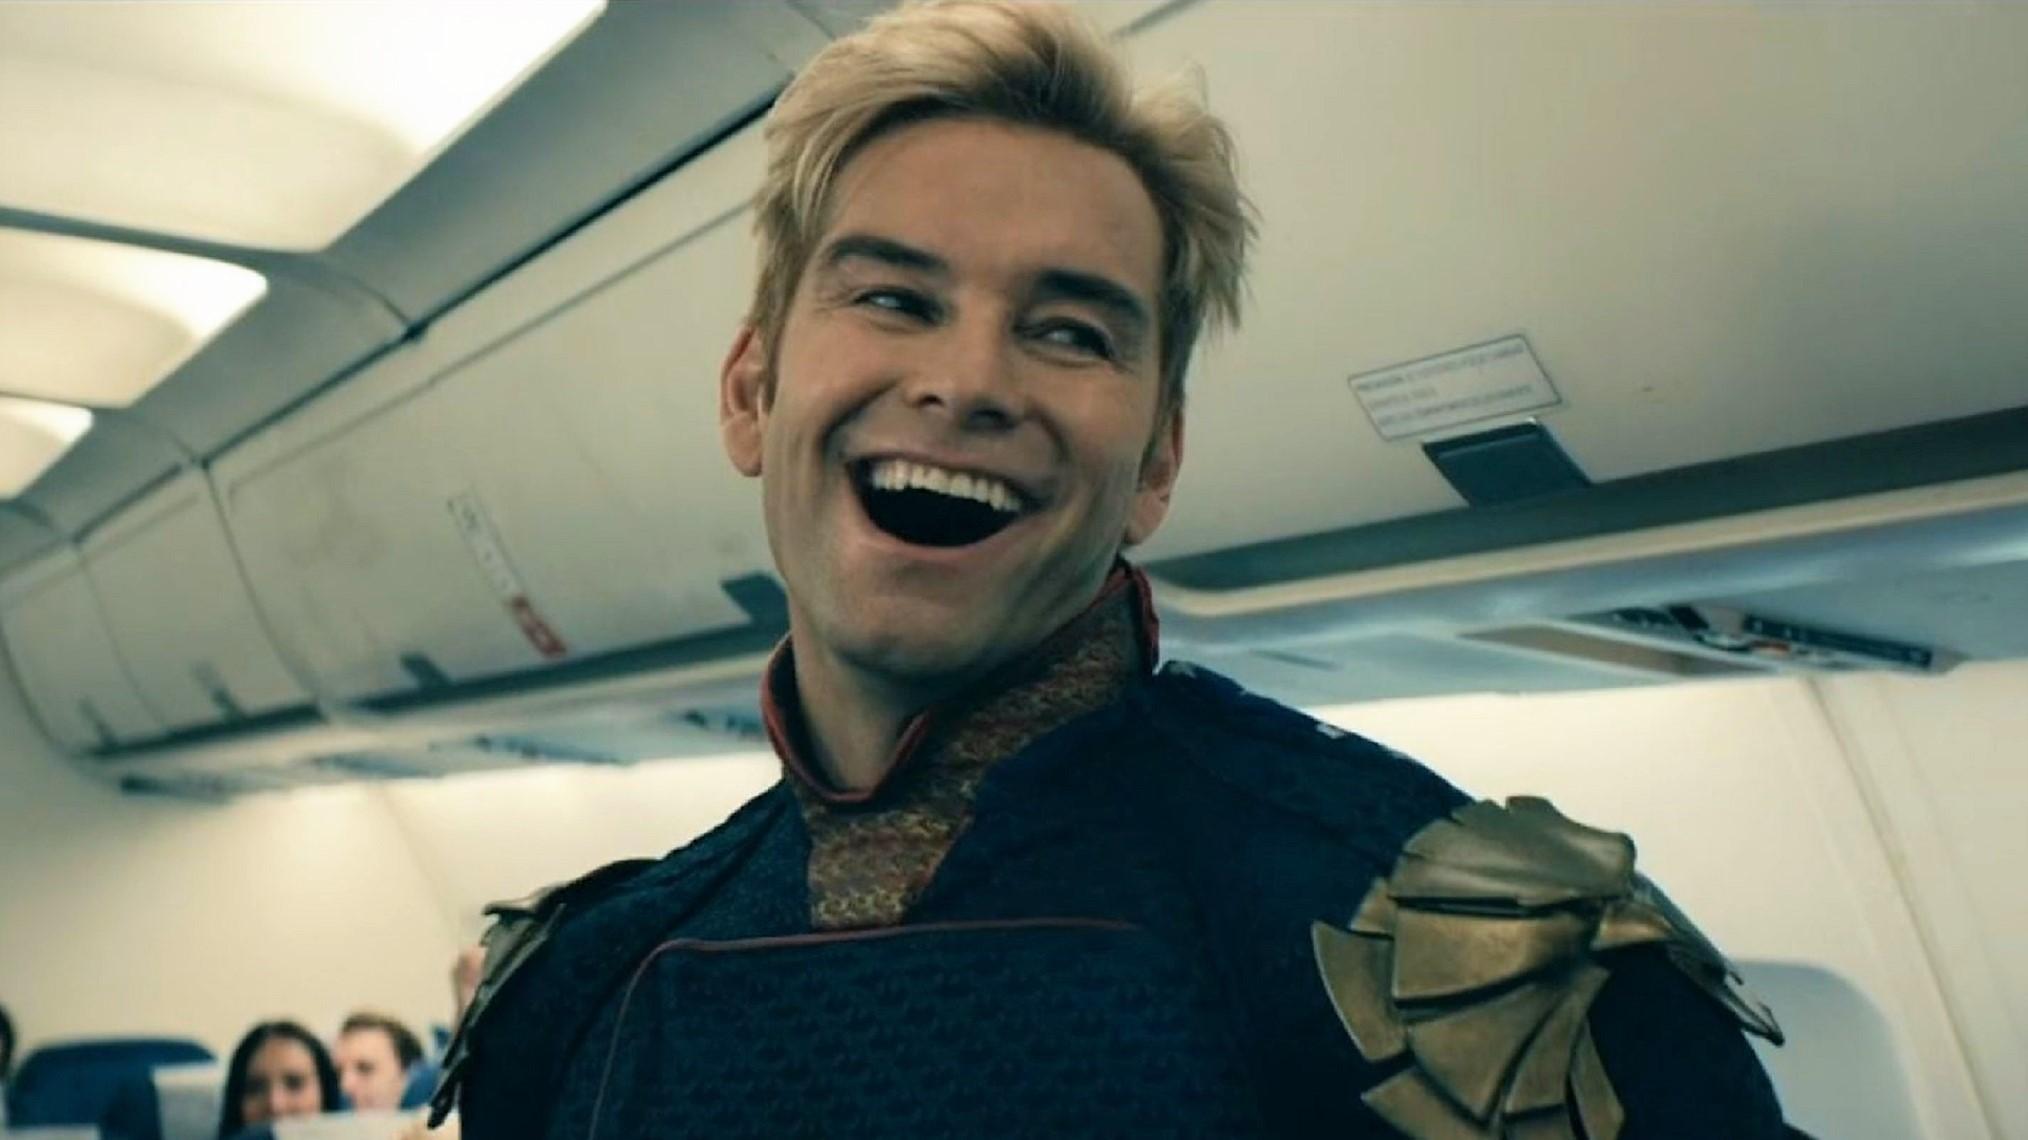 The Boys': Why Homelander Is TV's Best New Villain